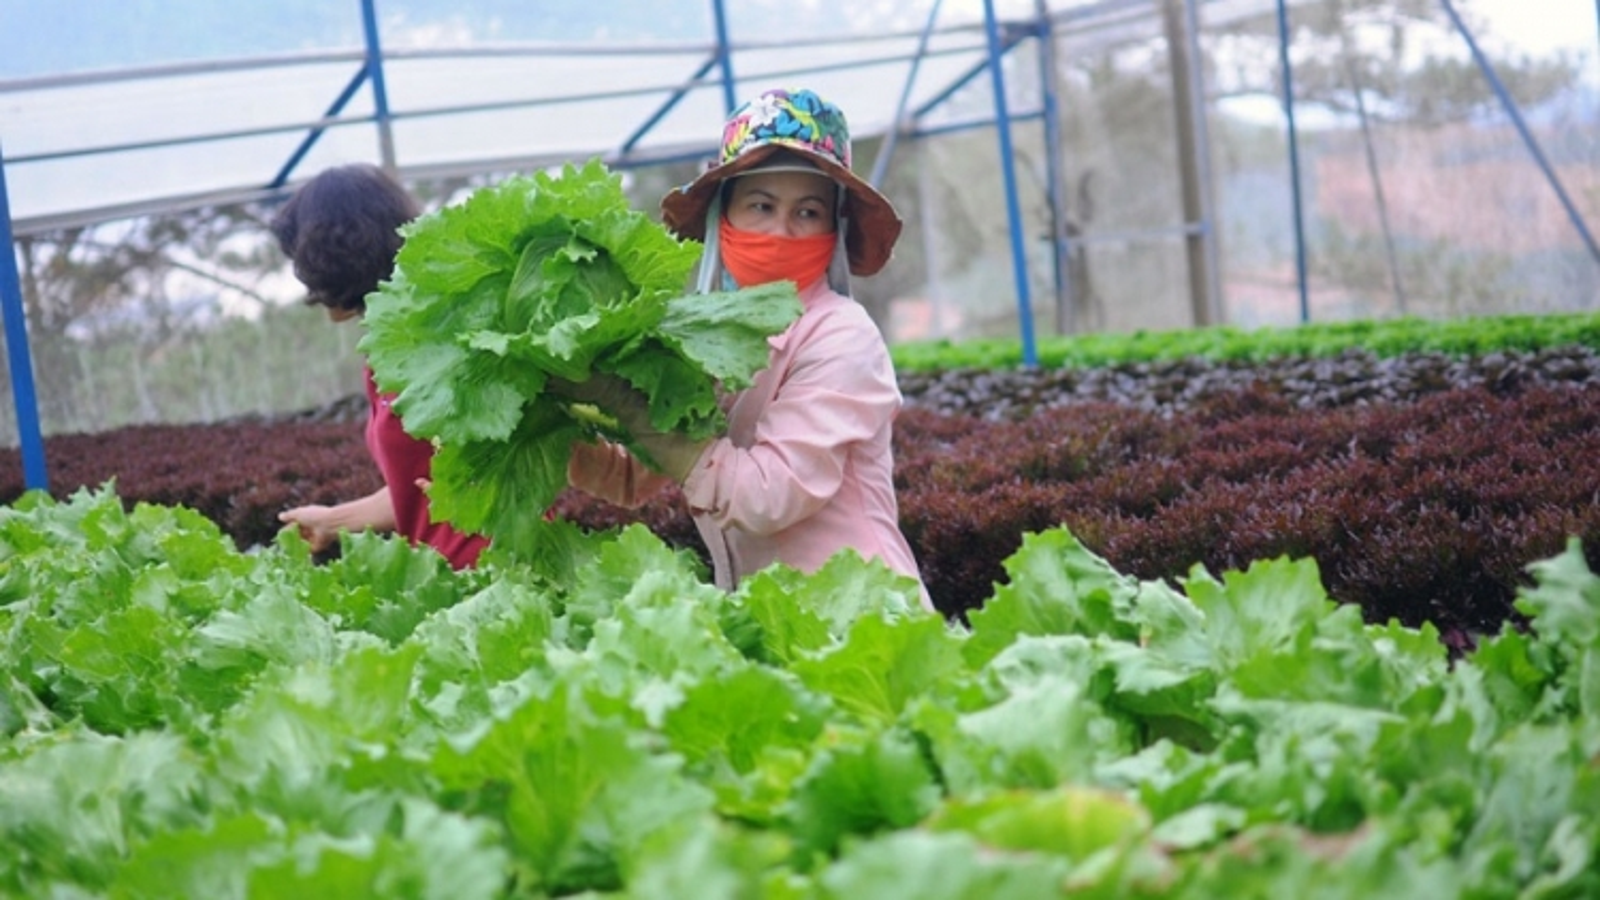 Liên kết theo chuỗi, nông sản Lâm Đồng nhẹ nhàng ứng phó dịch bệnh